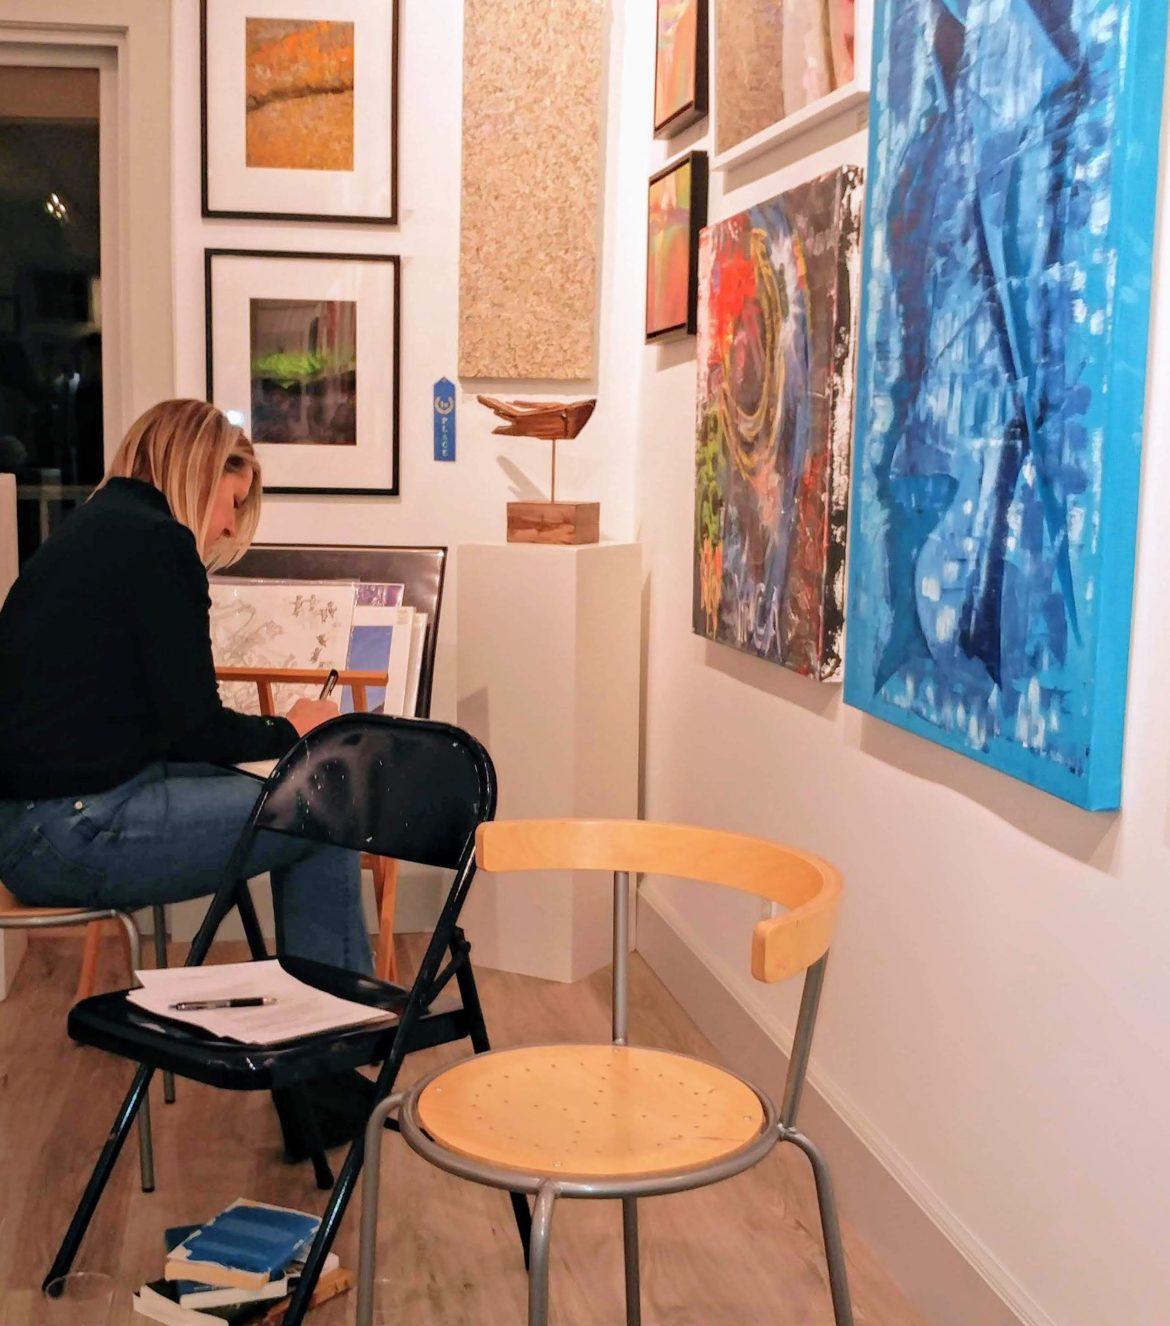 Rowayton Arts Center poetry writing based on art workshop